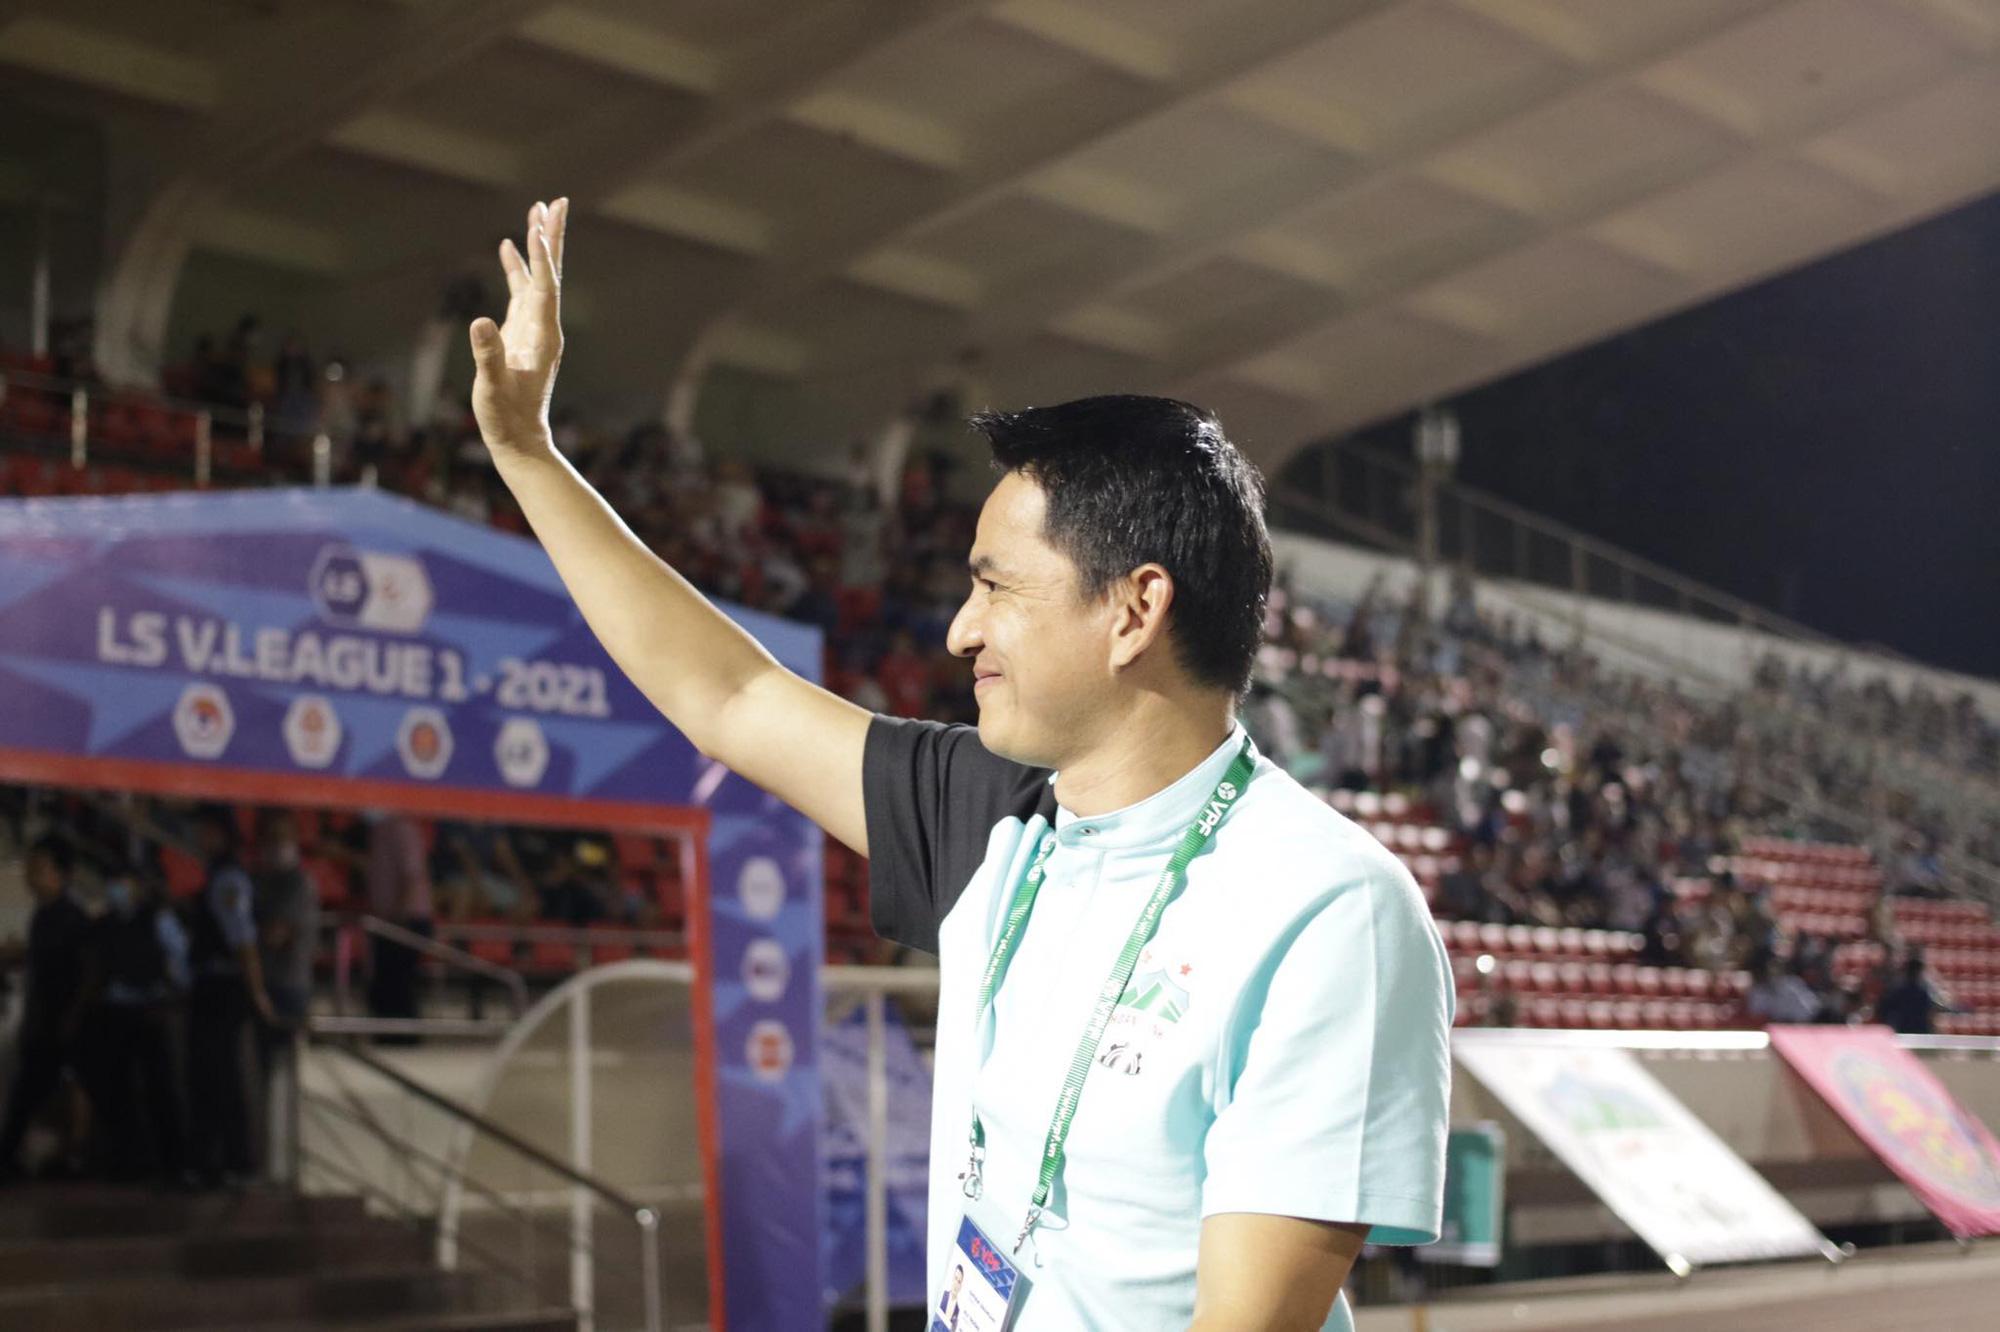 HLV Kiatisak cho rằng trận đấu với Sài Gòn FC đã qua. Điều HAGL muốn hướng tới là những cuộc đọ sức tiếp theo. Ảnh: 24h